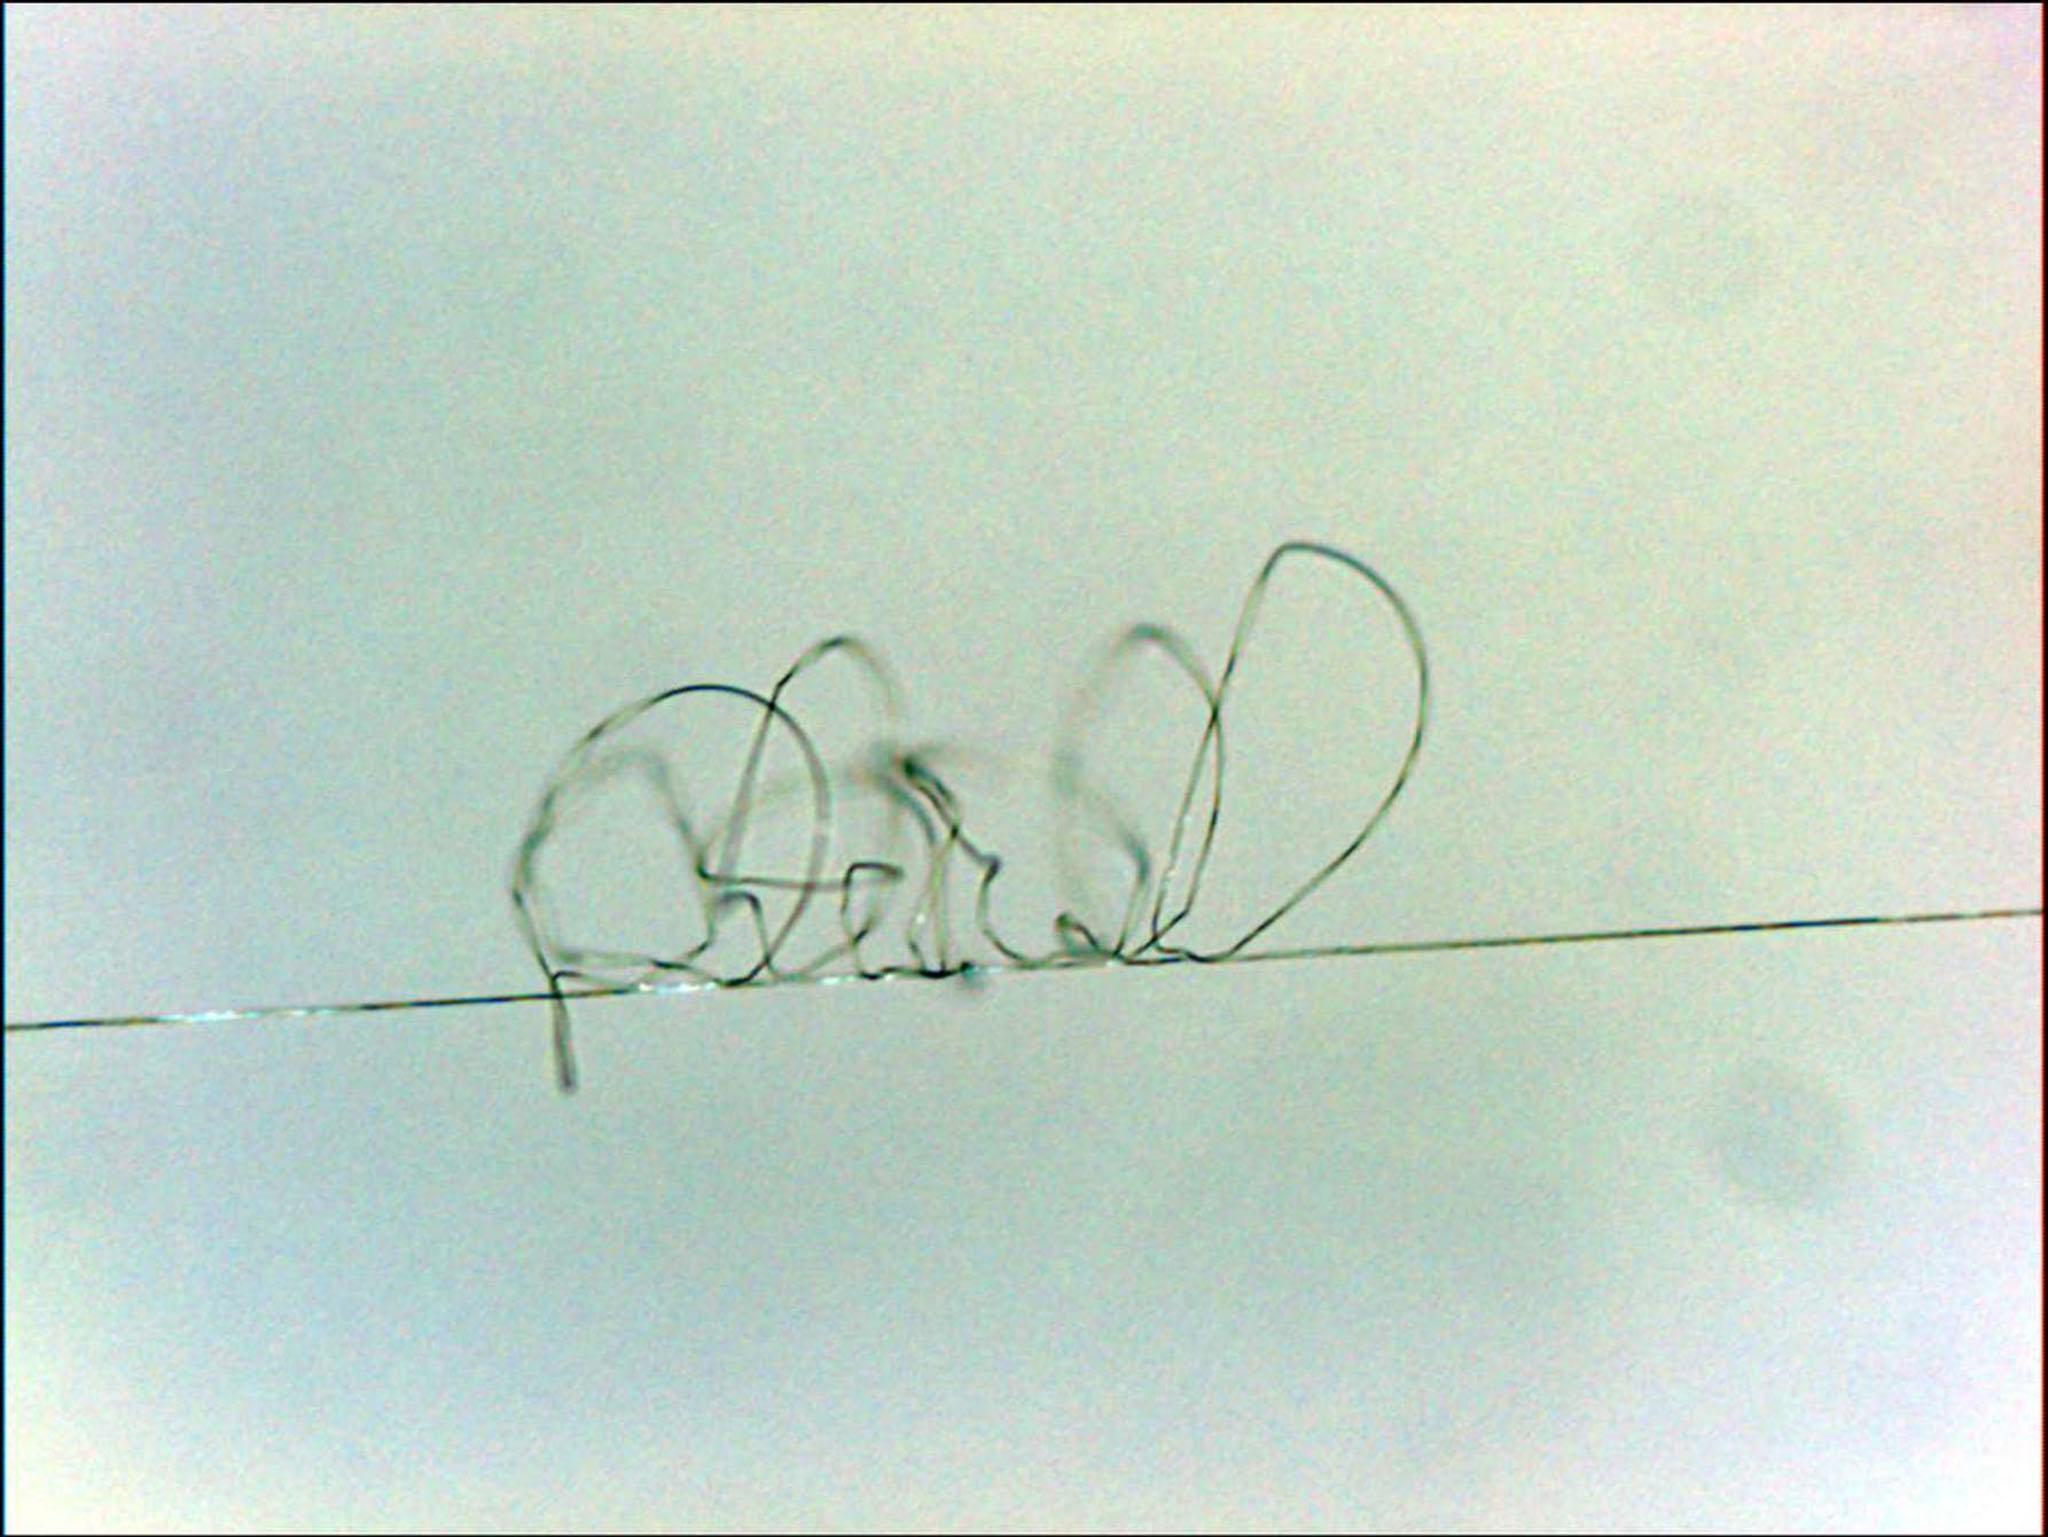 Tơ nhện siêu bền 2.jpg